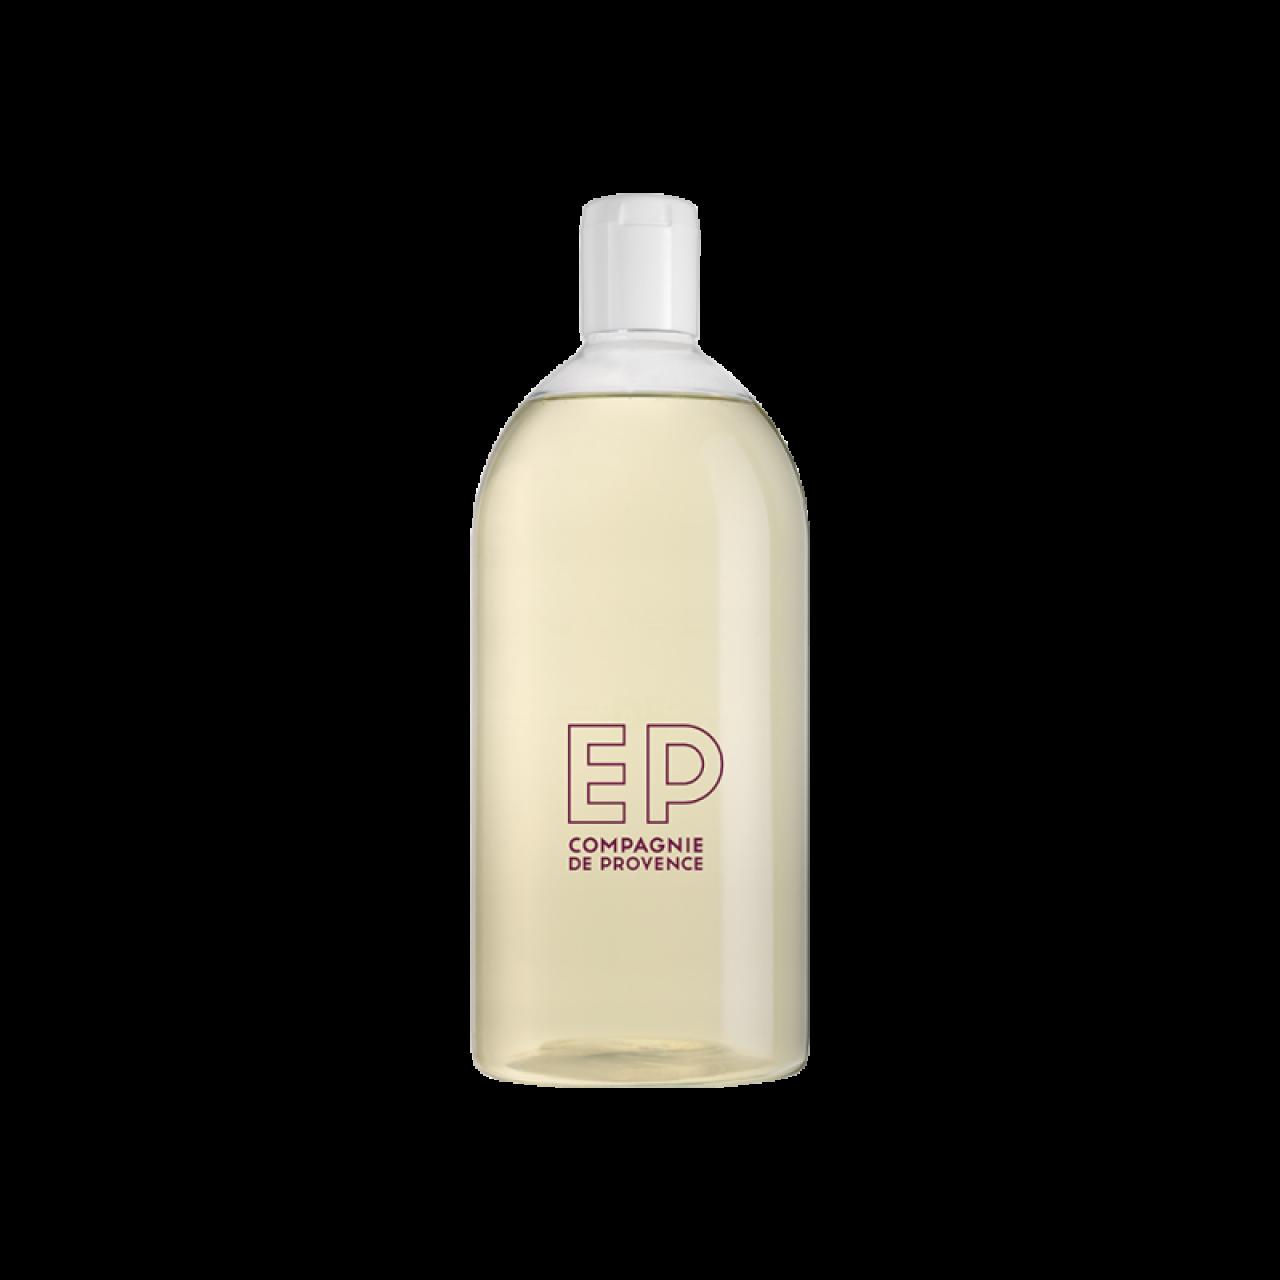 Sapone Liquido di Marsiglia al Fico della Provenza Ricarica 1L Compagnie de Provence Italia CPPF0101SL01LFI-01